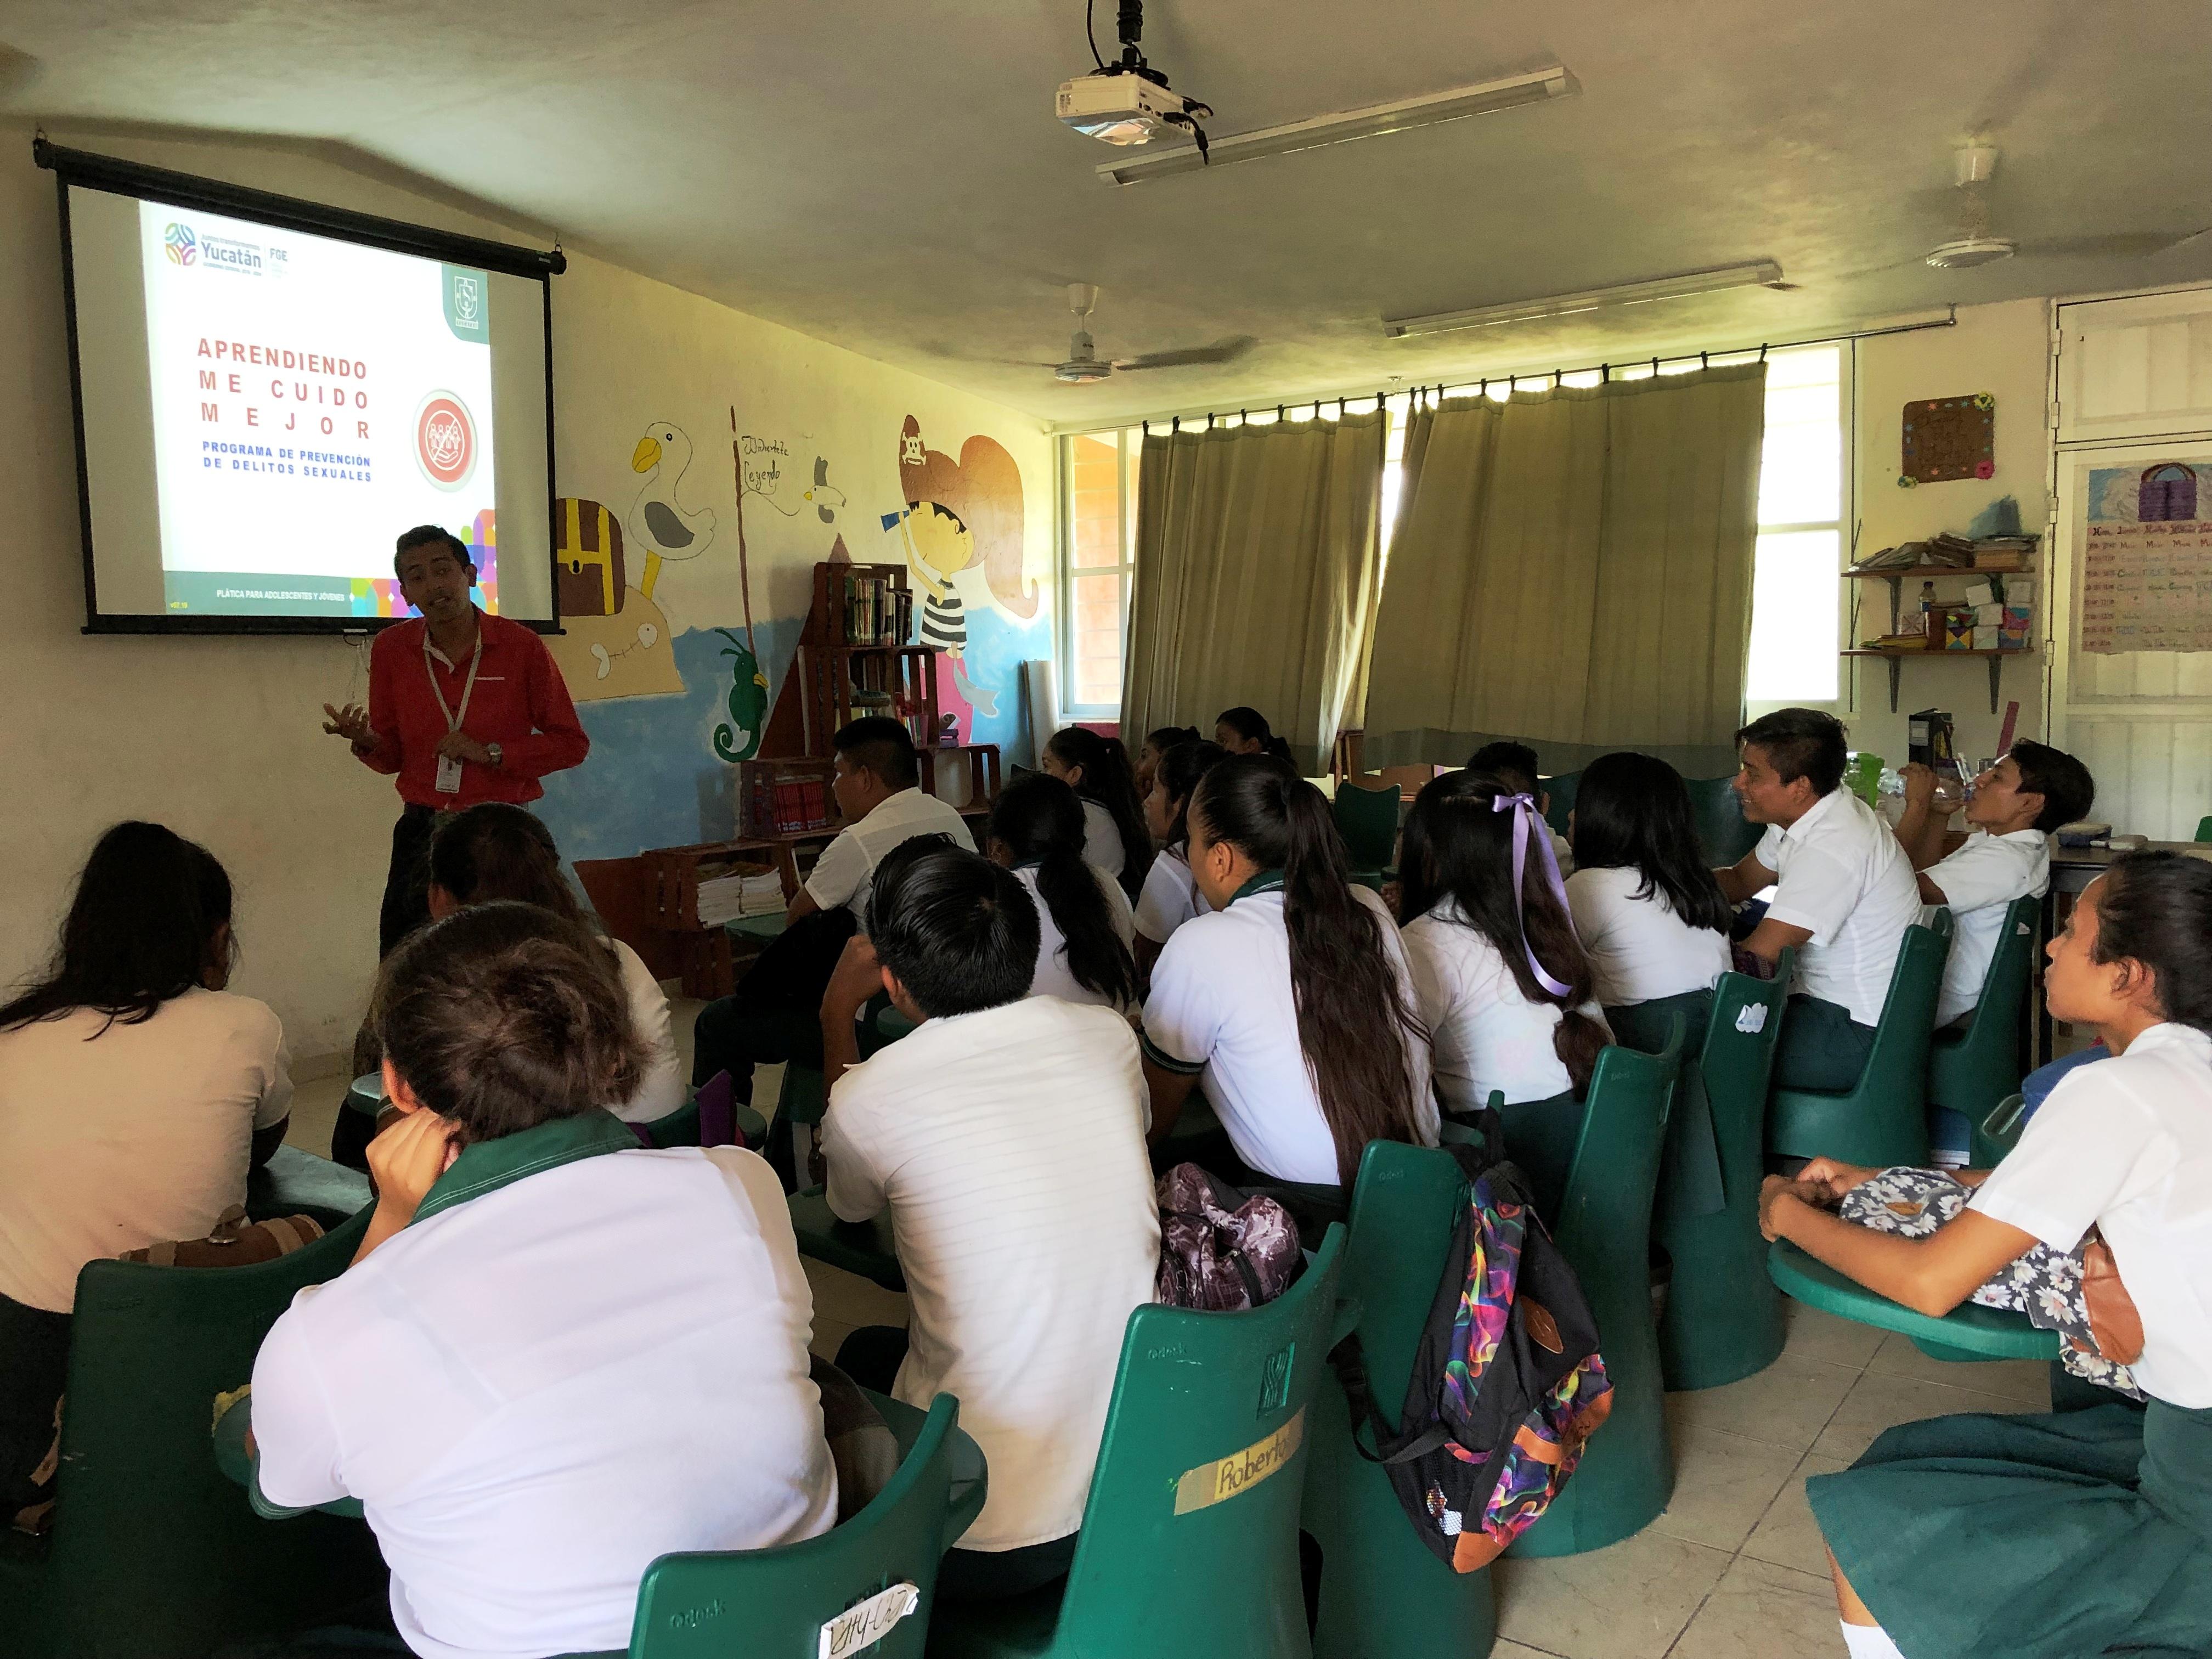 Visita a la telesecundaria Edmundo Bolio Ontiveros en Tizimín. Pláticas de Prevención del Delito.